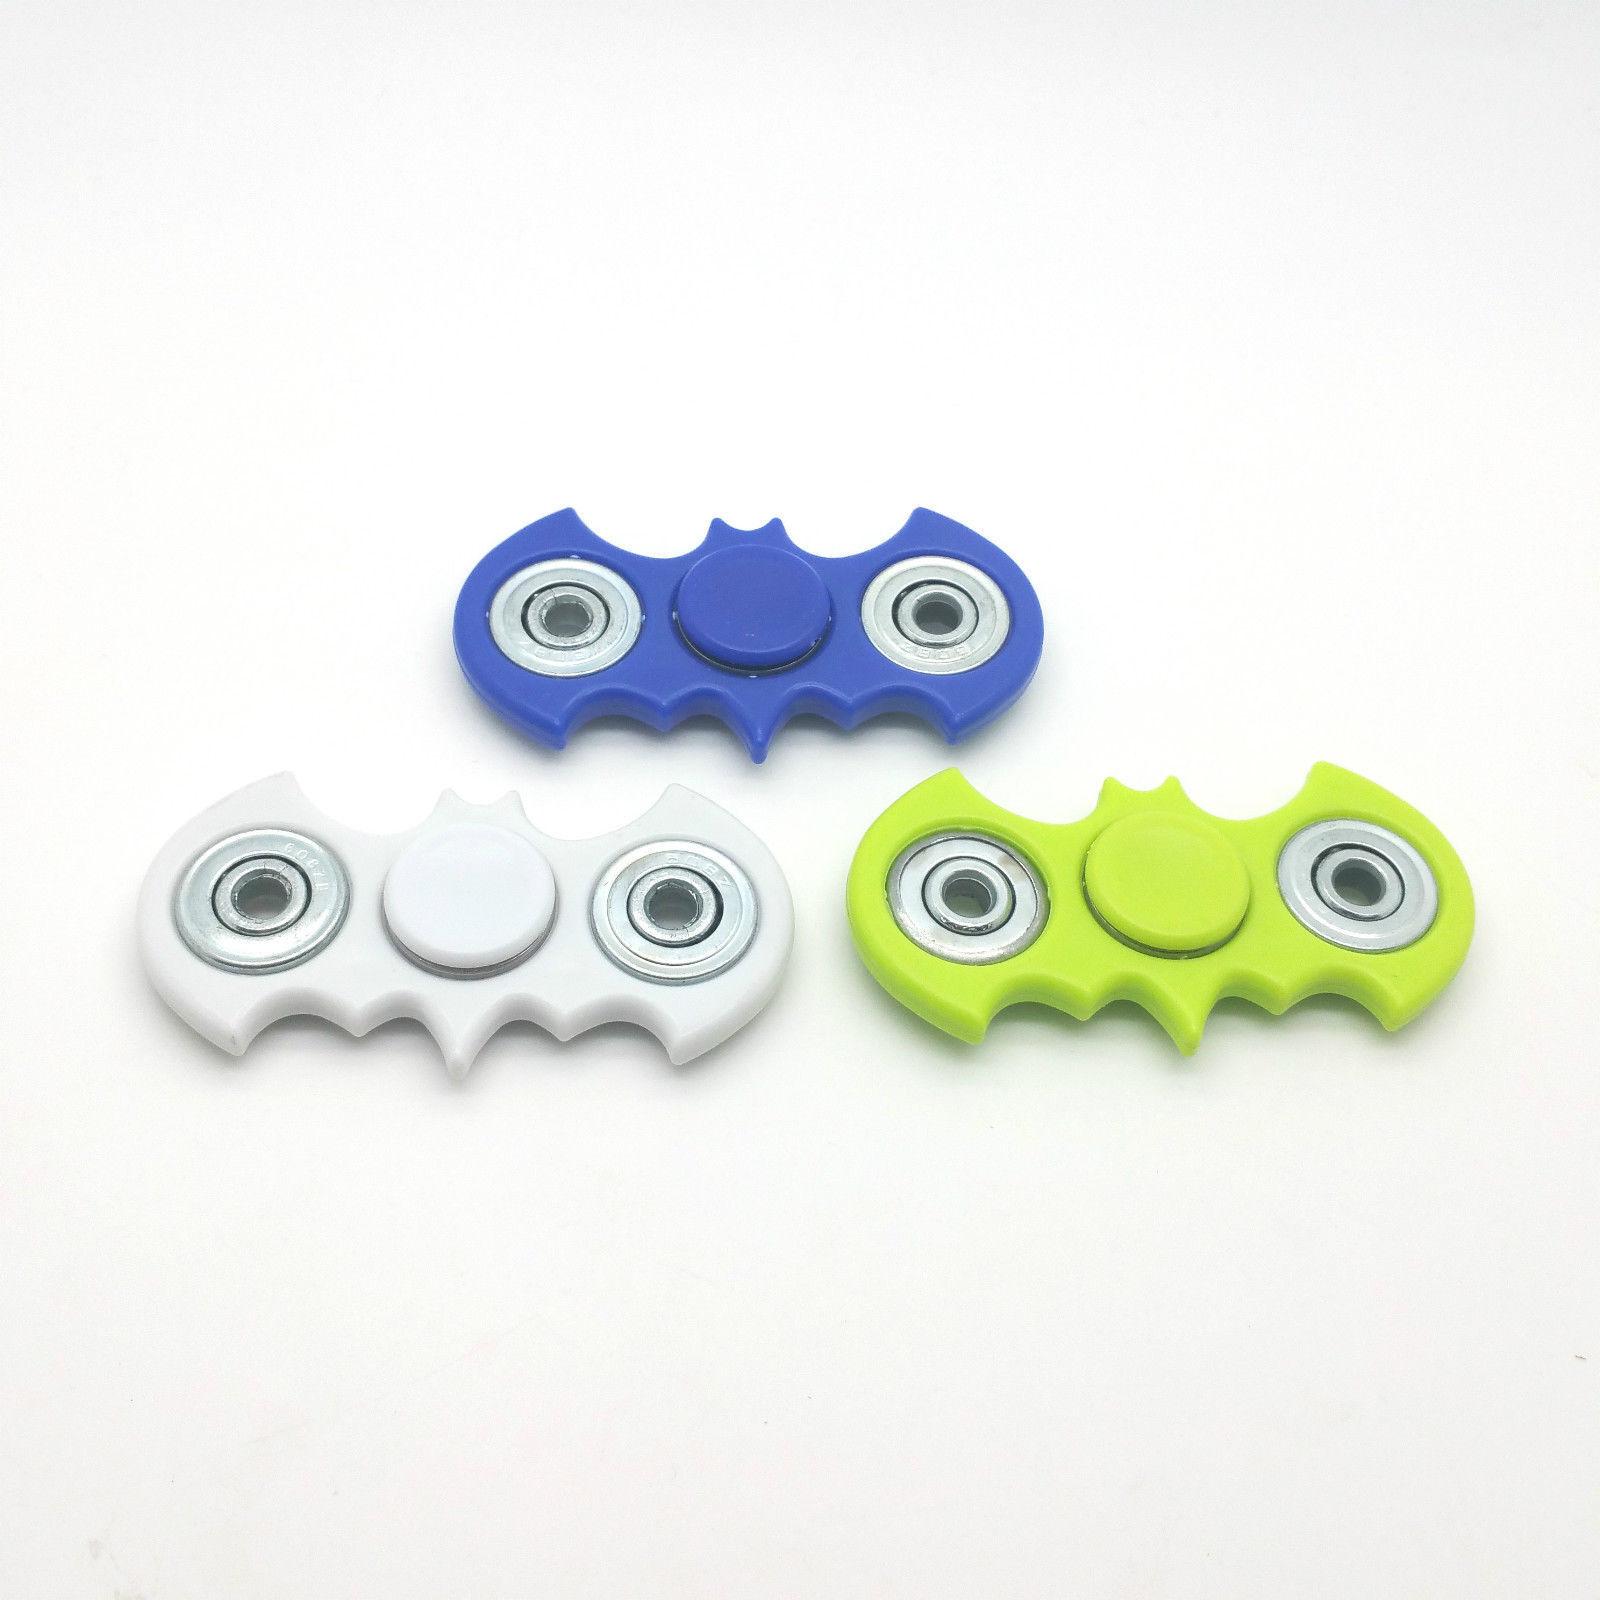 New FIDGET SPINNER Hand Finger Basic Focus EDC Steel Bearing Stress Relieve Toys